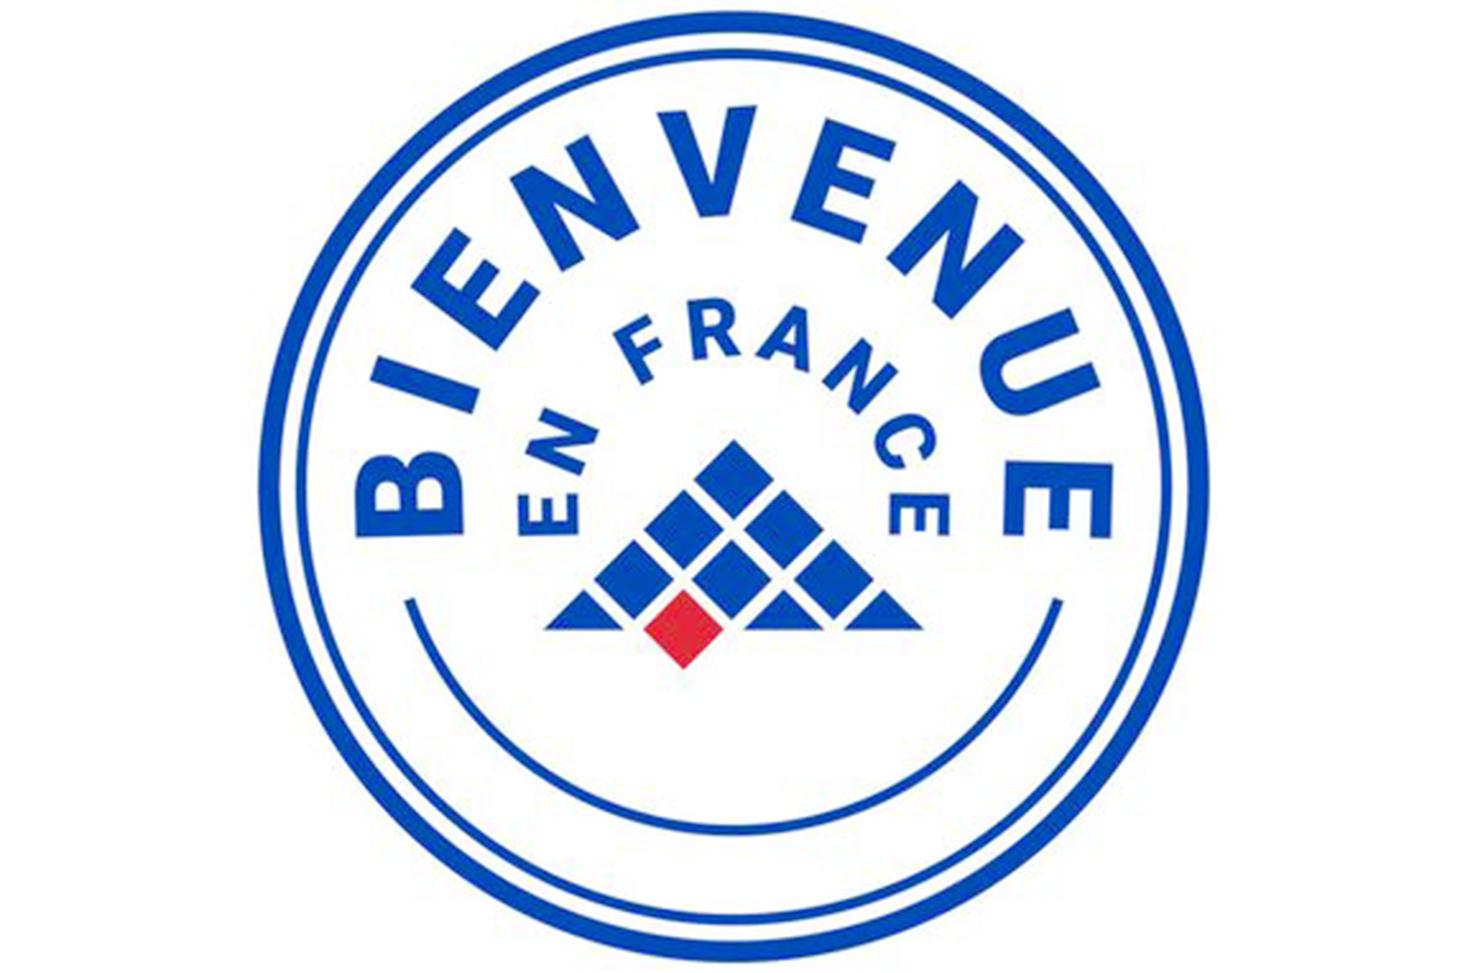 Logo Bienvenue en France